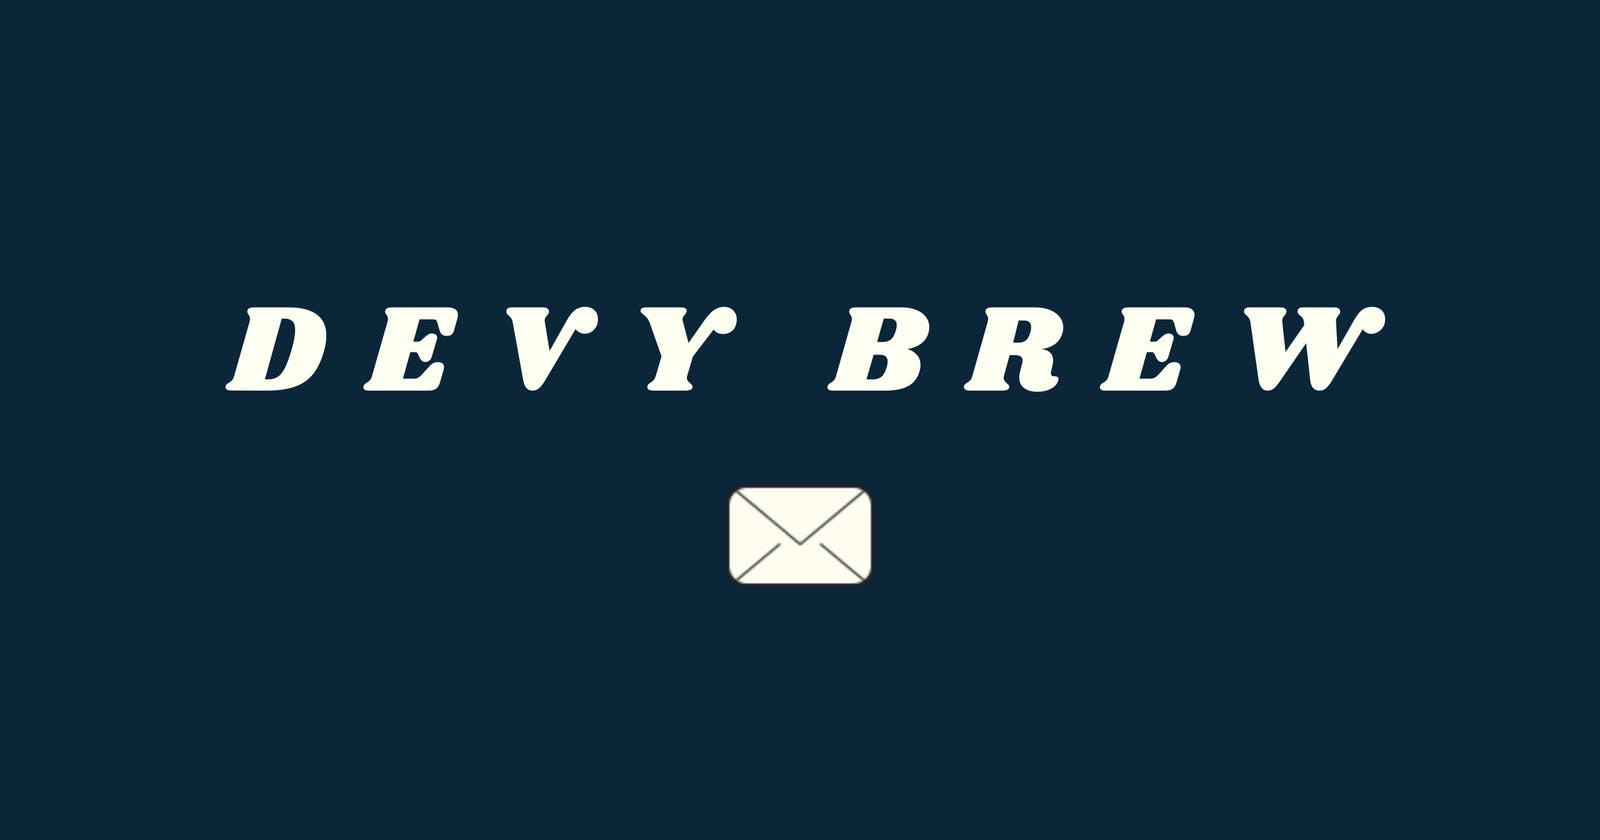 Devy Brew: Stay Informed